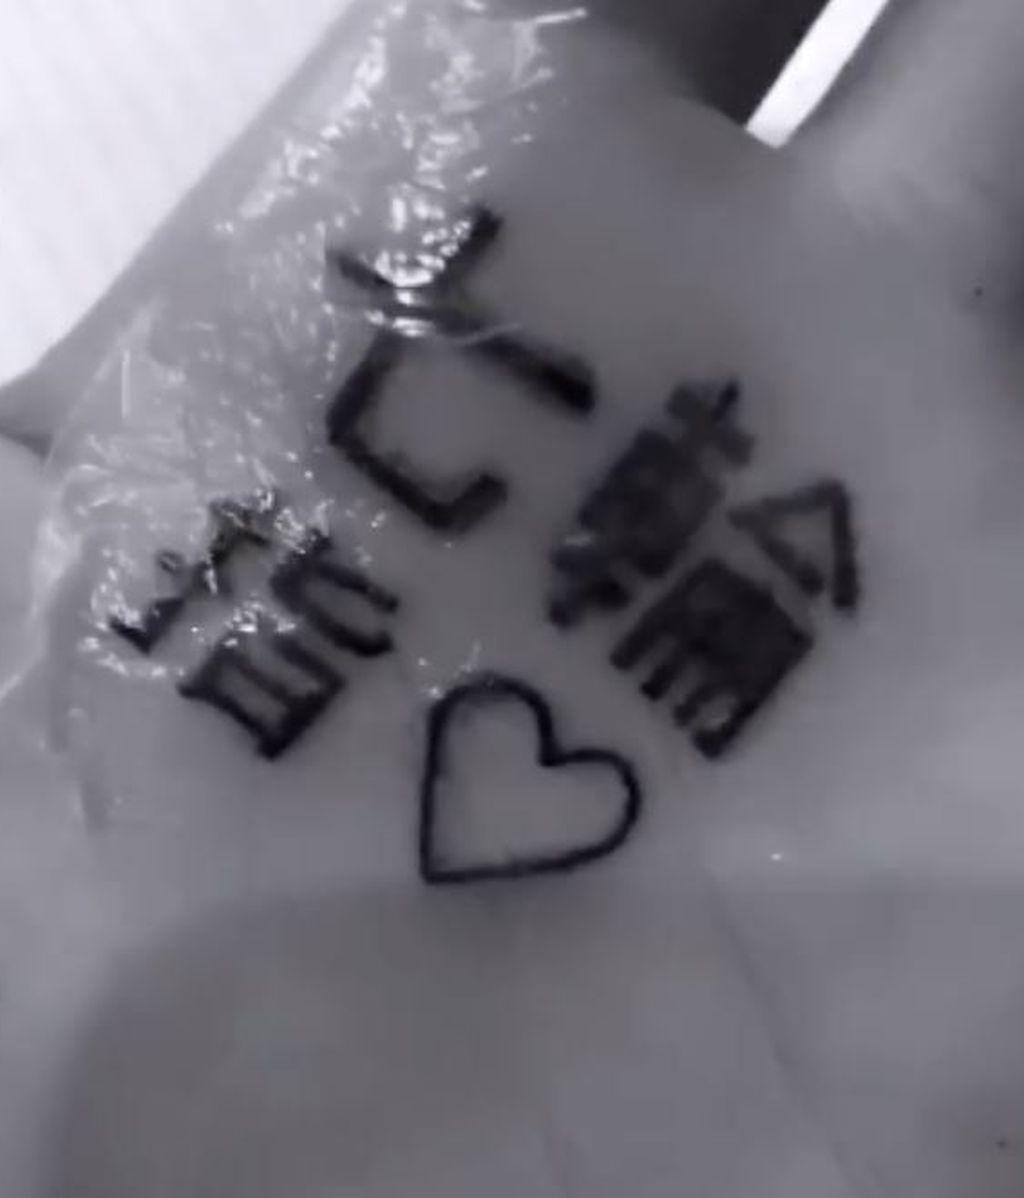 Actriz Porno Lazos Tatuaje https://www.telecinco.es/informativos/internacional/grupos